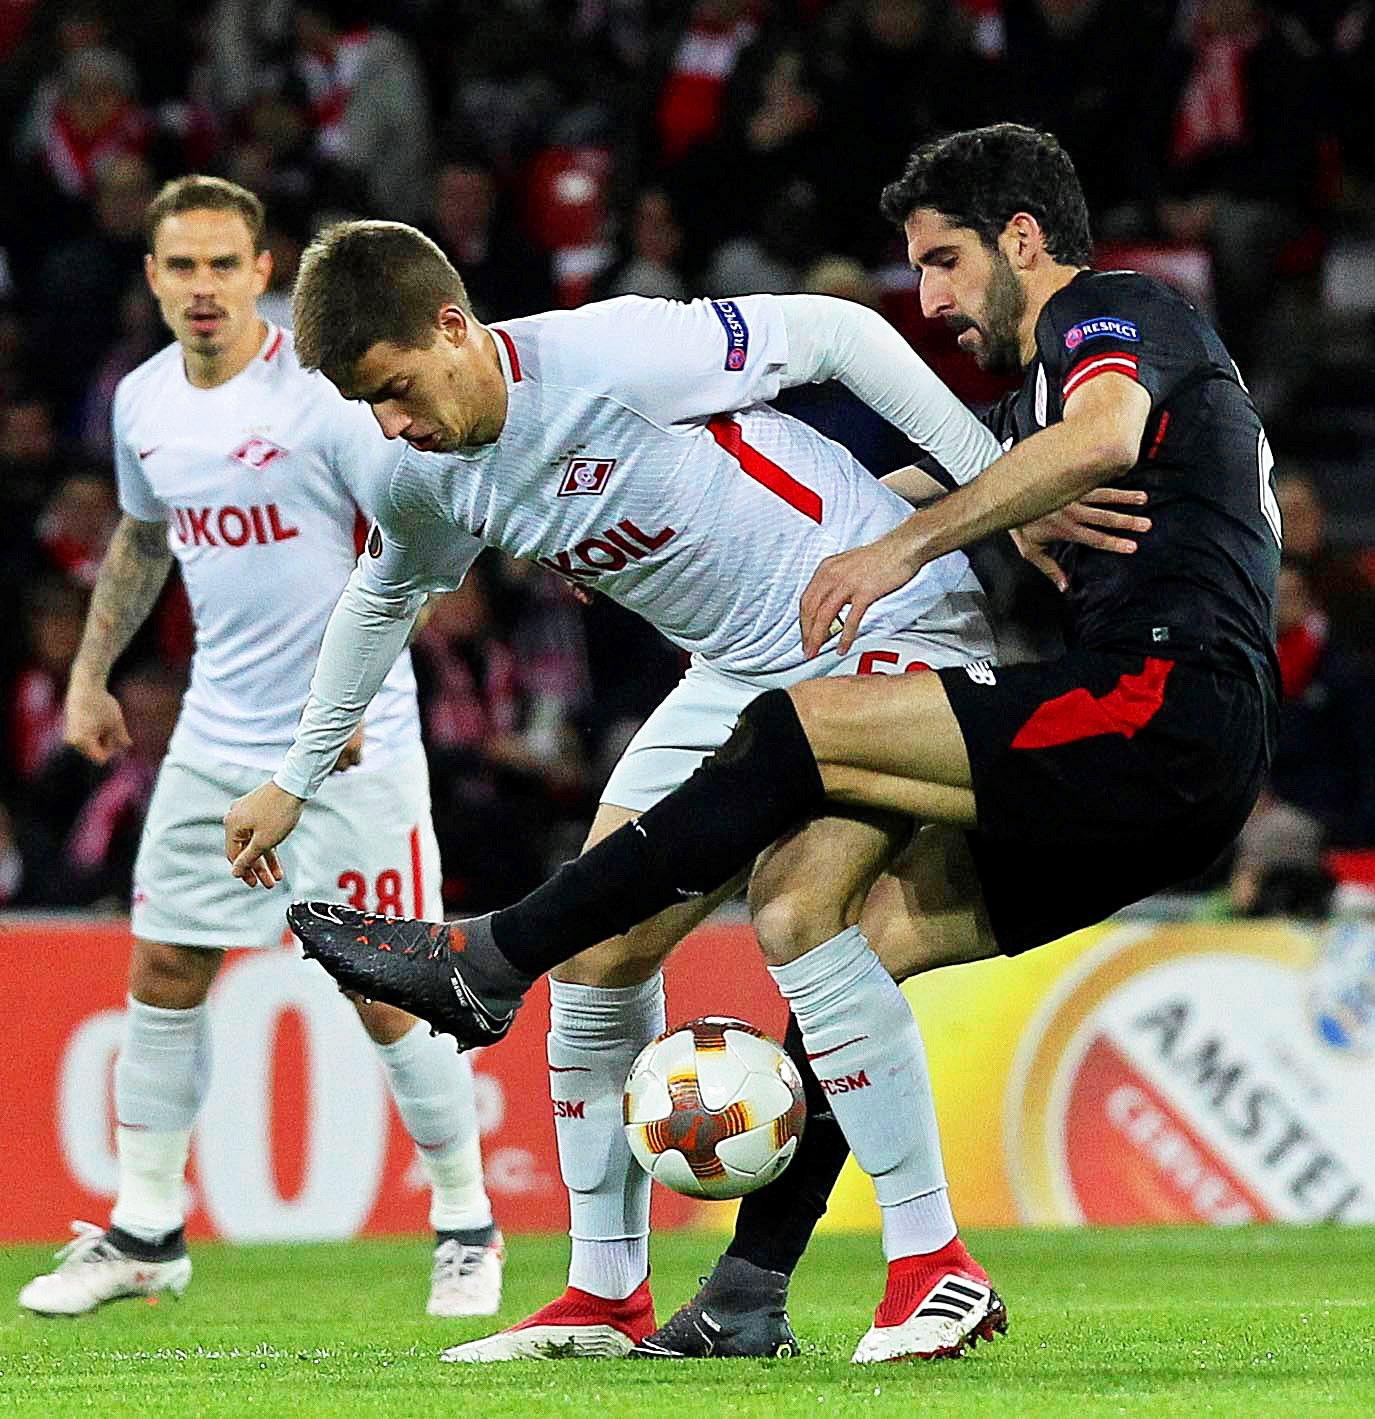 Rusija: Spartak drugi, Pašalić na klupi